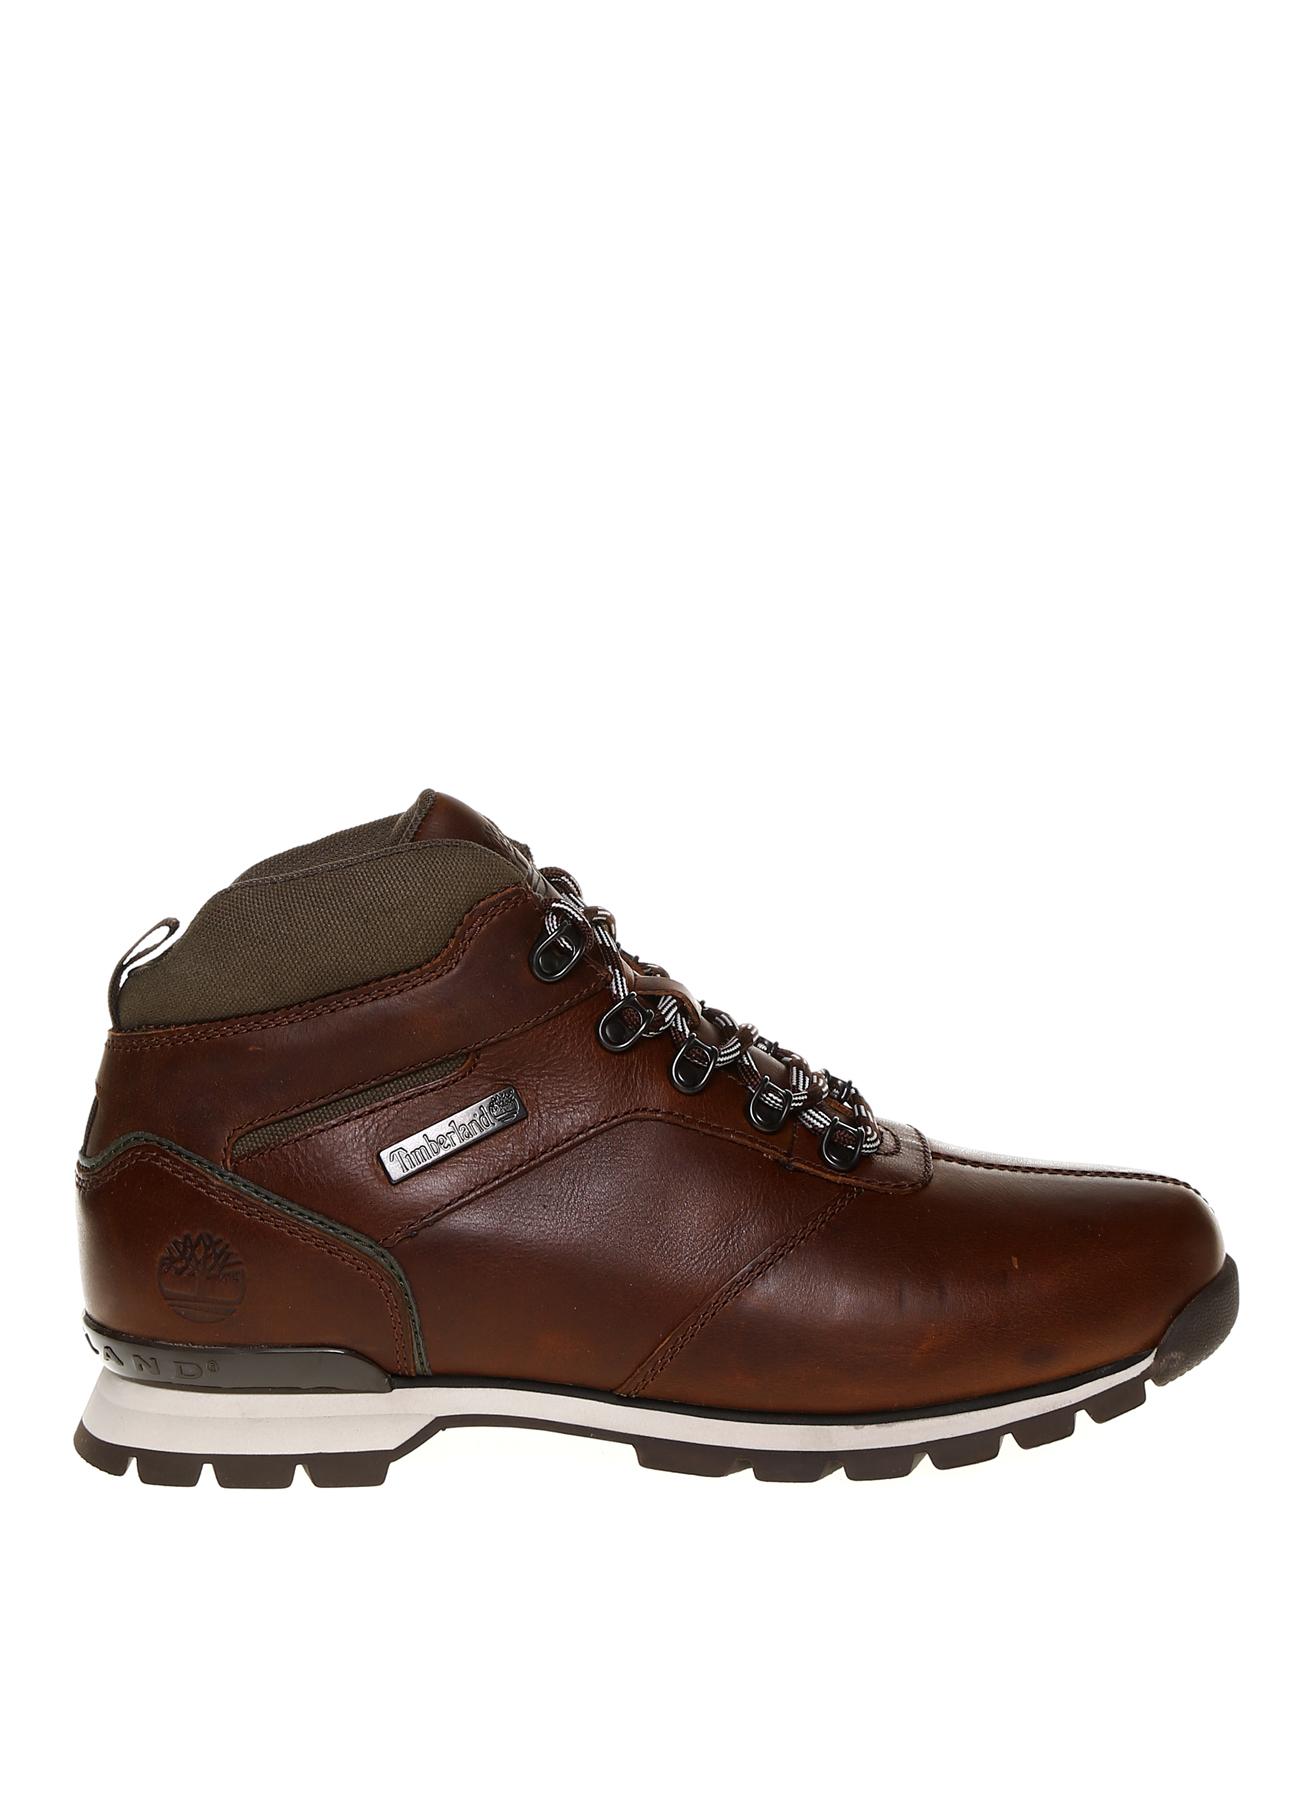 Timberland Tb0A1Hn9D501 Splitrock 2 Günlük Ayakkabı 43.5 5002346734001 Ürün Resmi